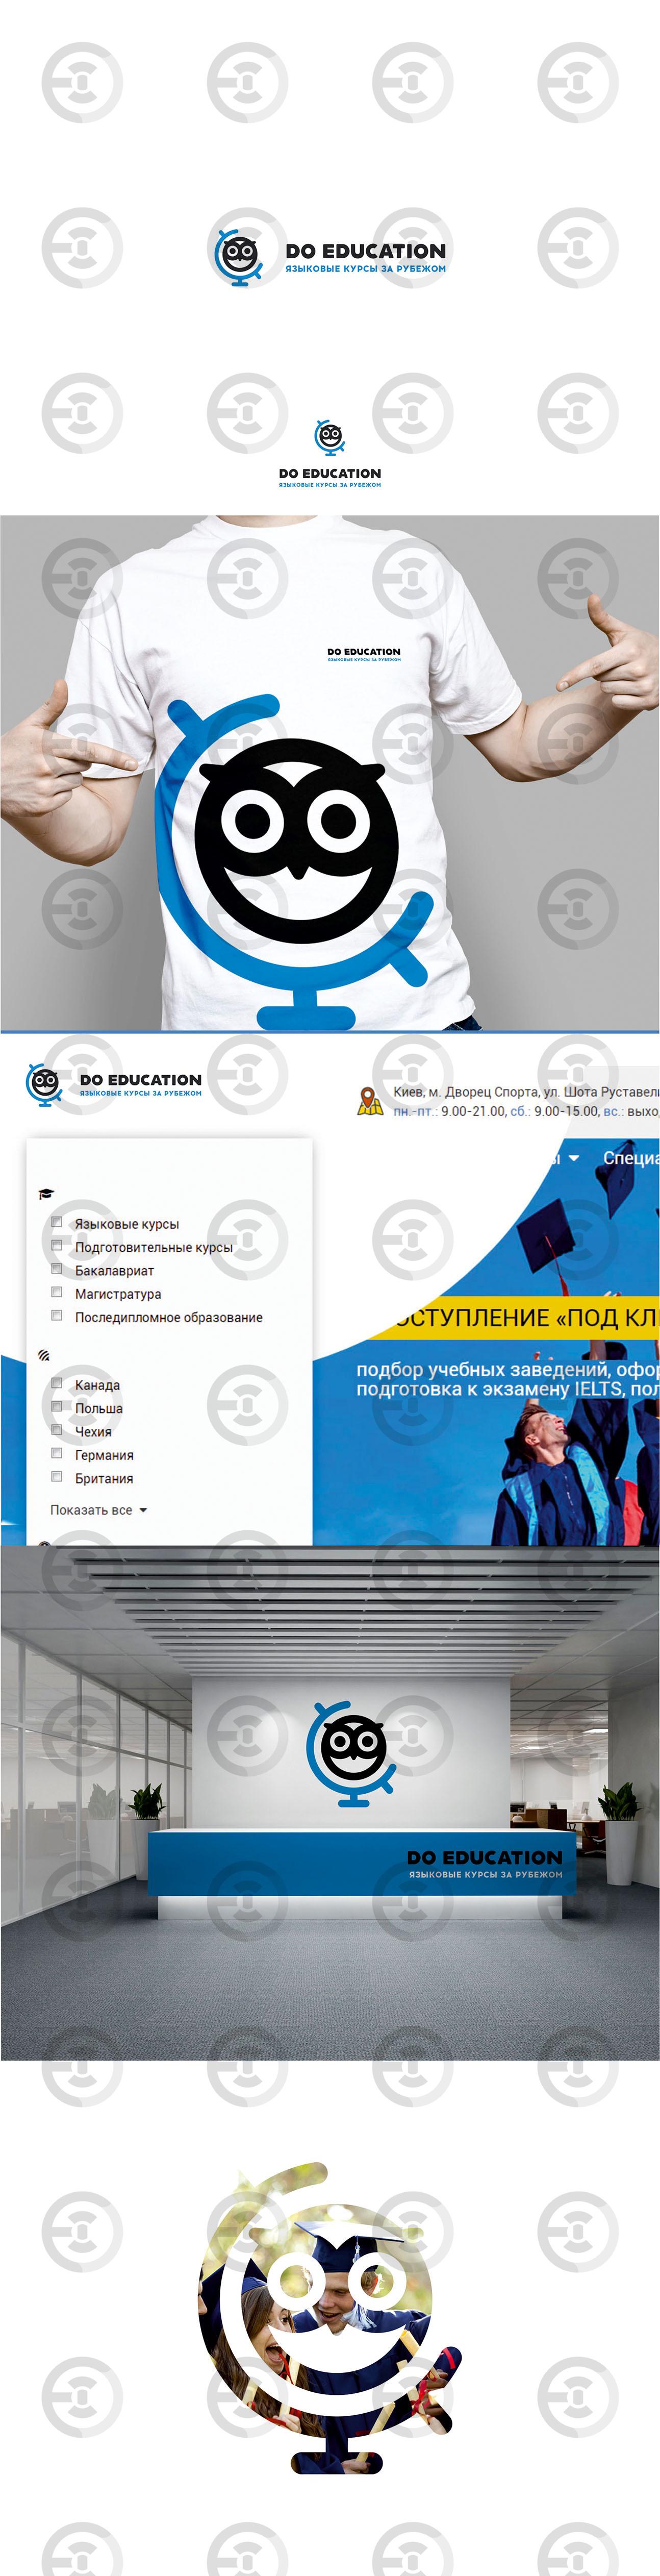 Do education.jpg